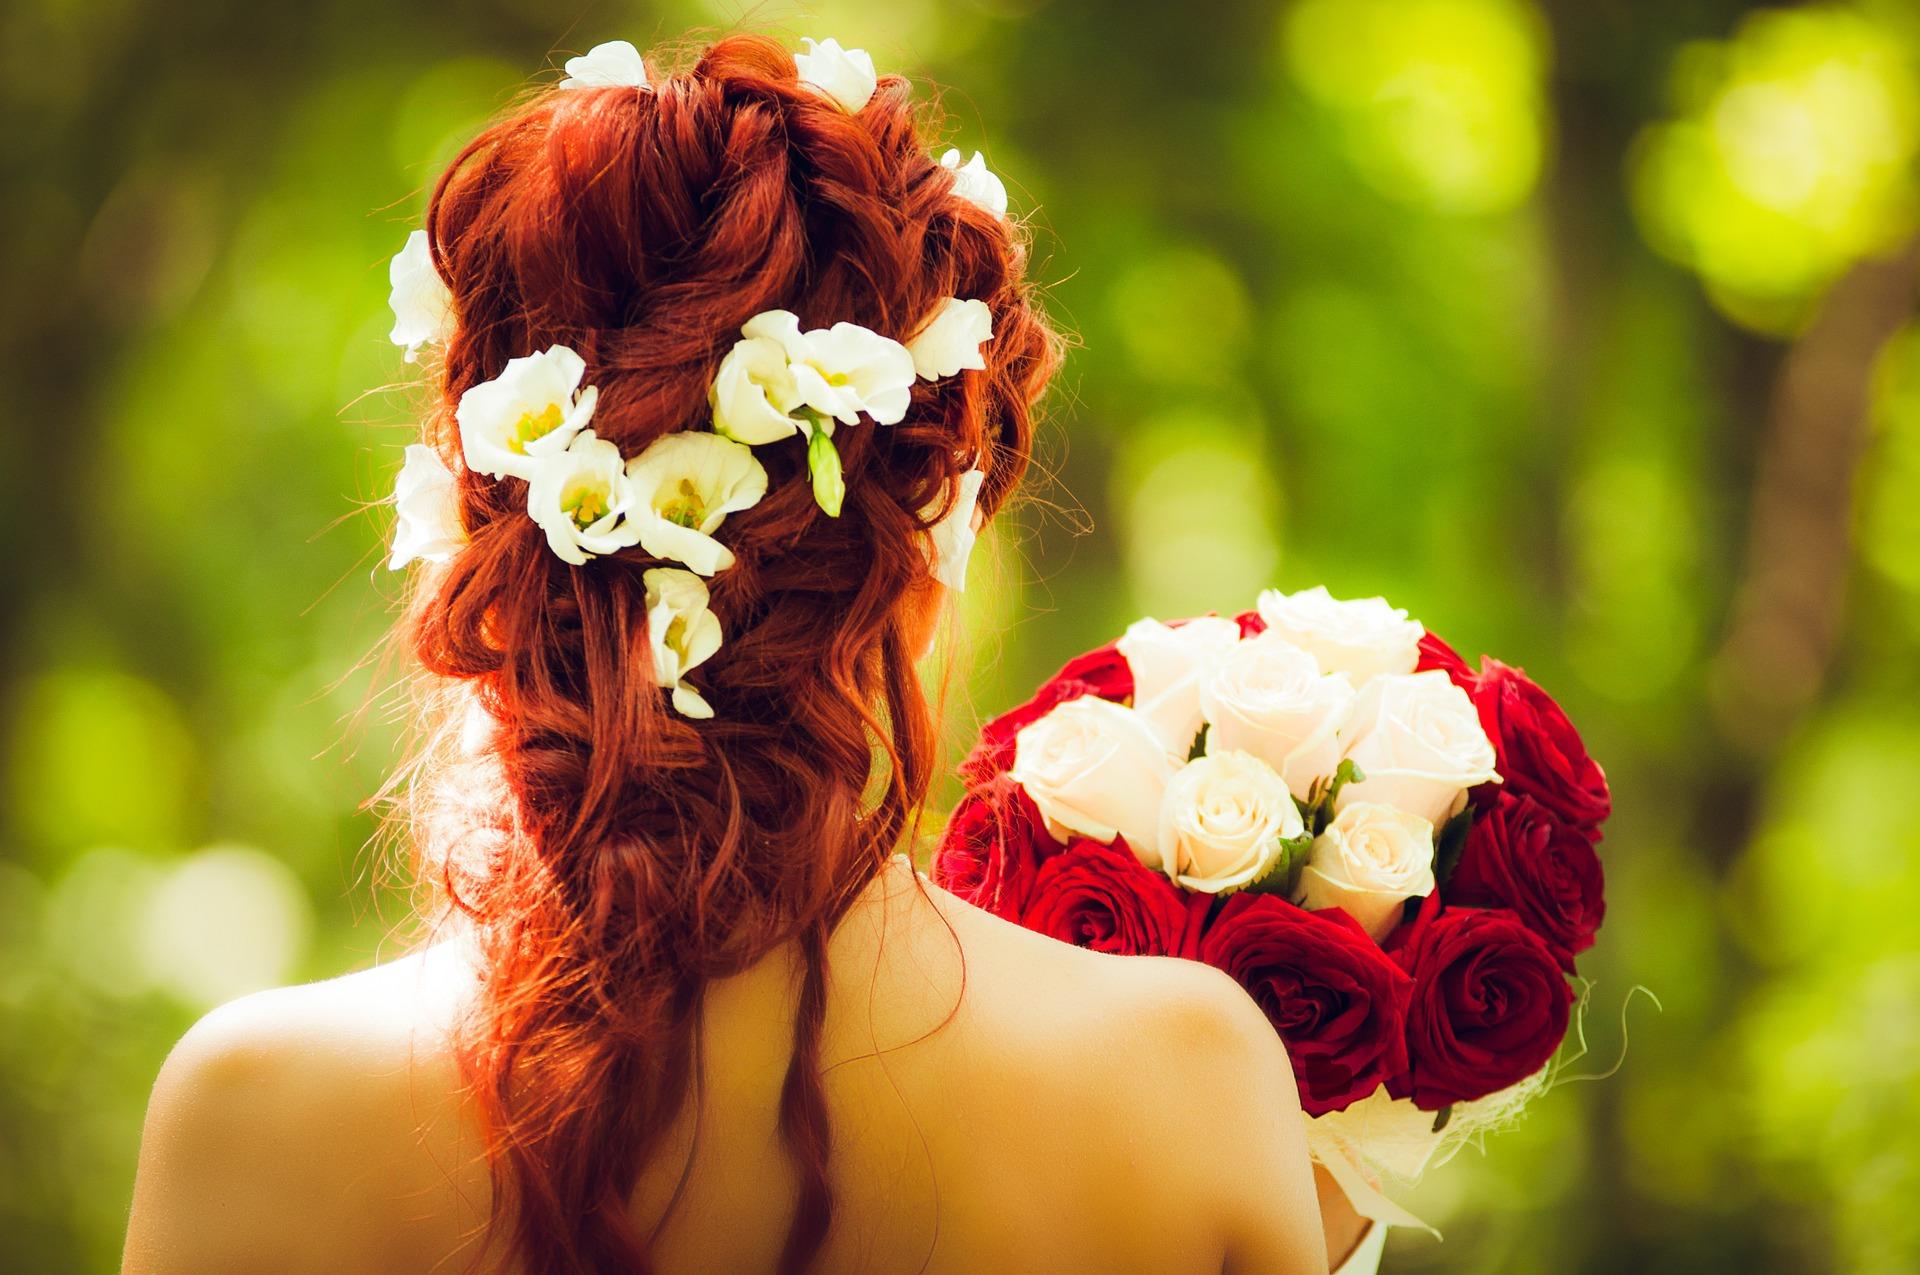 Planifier son mariage:à quoi dois-je penser avant le jour J? 1